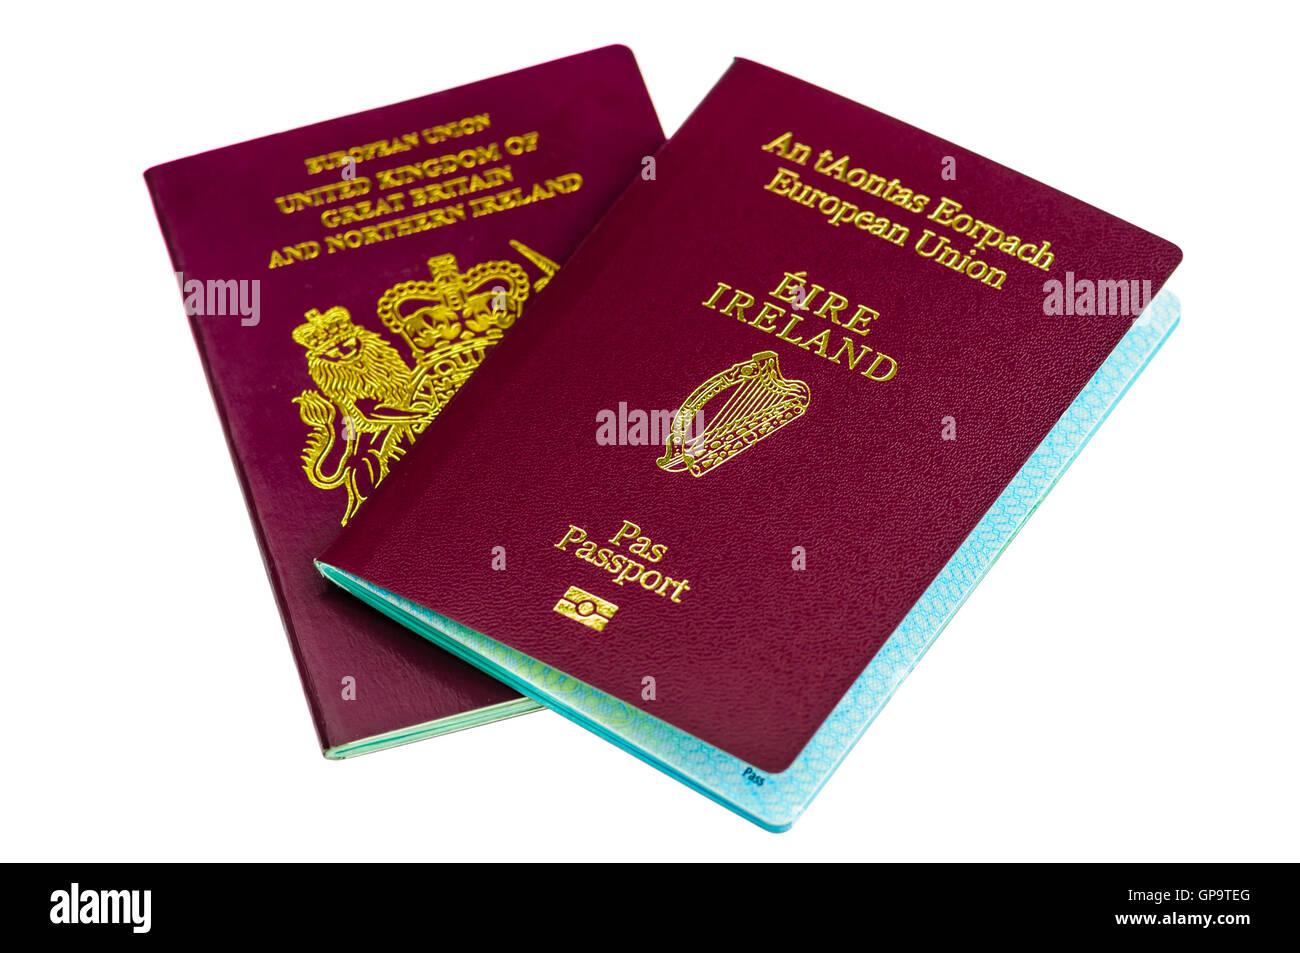 Passports for both the republic of ireland eire and united passports for both the republic of ireland eire and united kingdom uk falaconquin